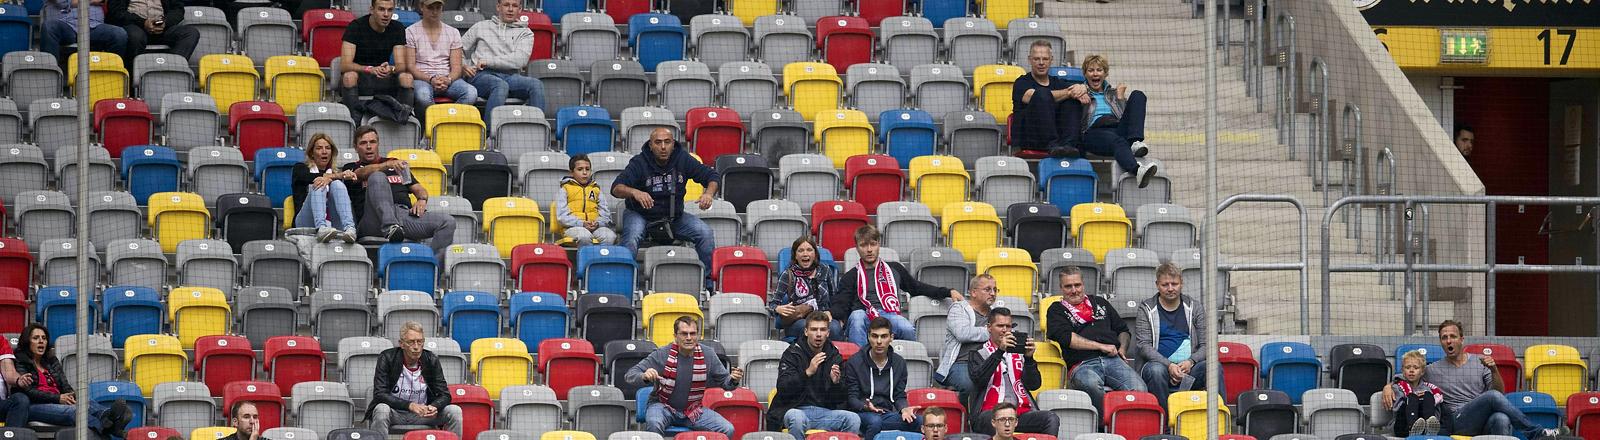 Fast leere Zuschauerränge bei einem Bundesligaspiel.